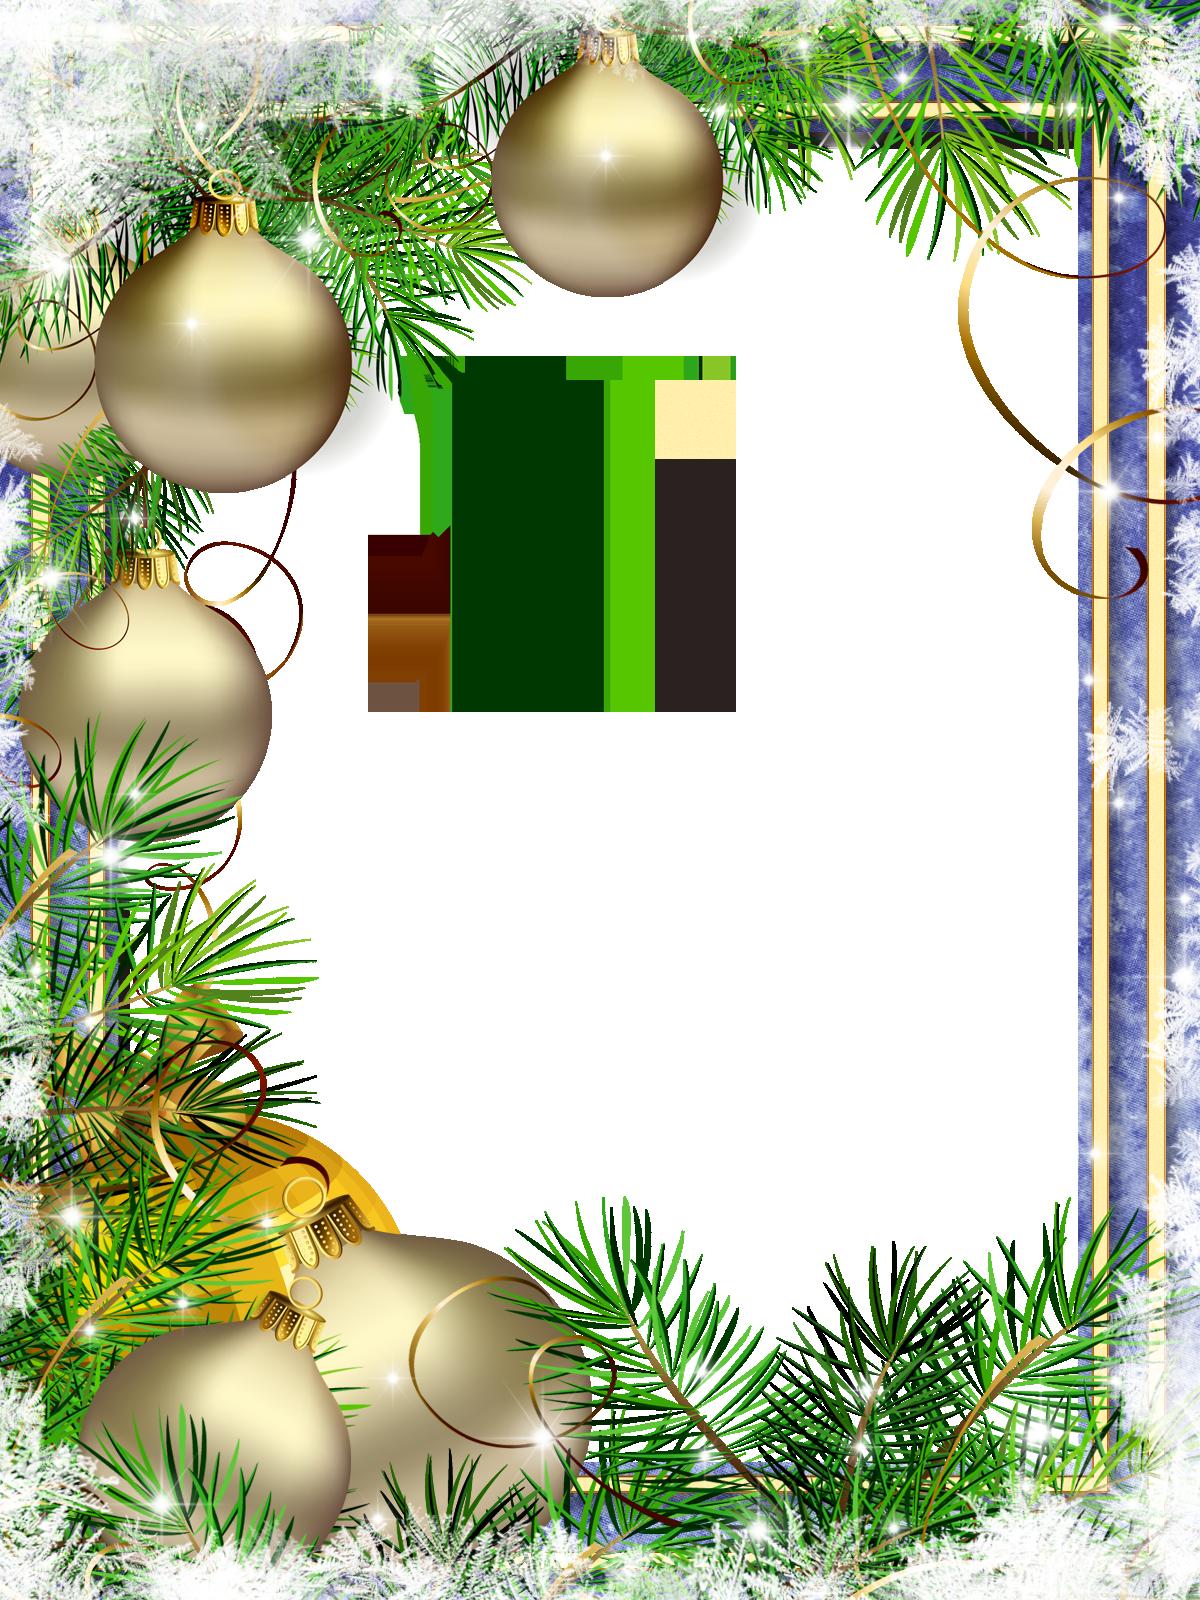 Картинки для открыток на новый год вертикальные